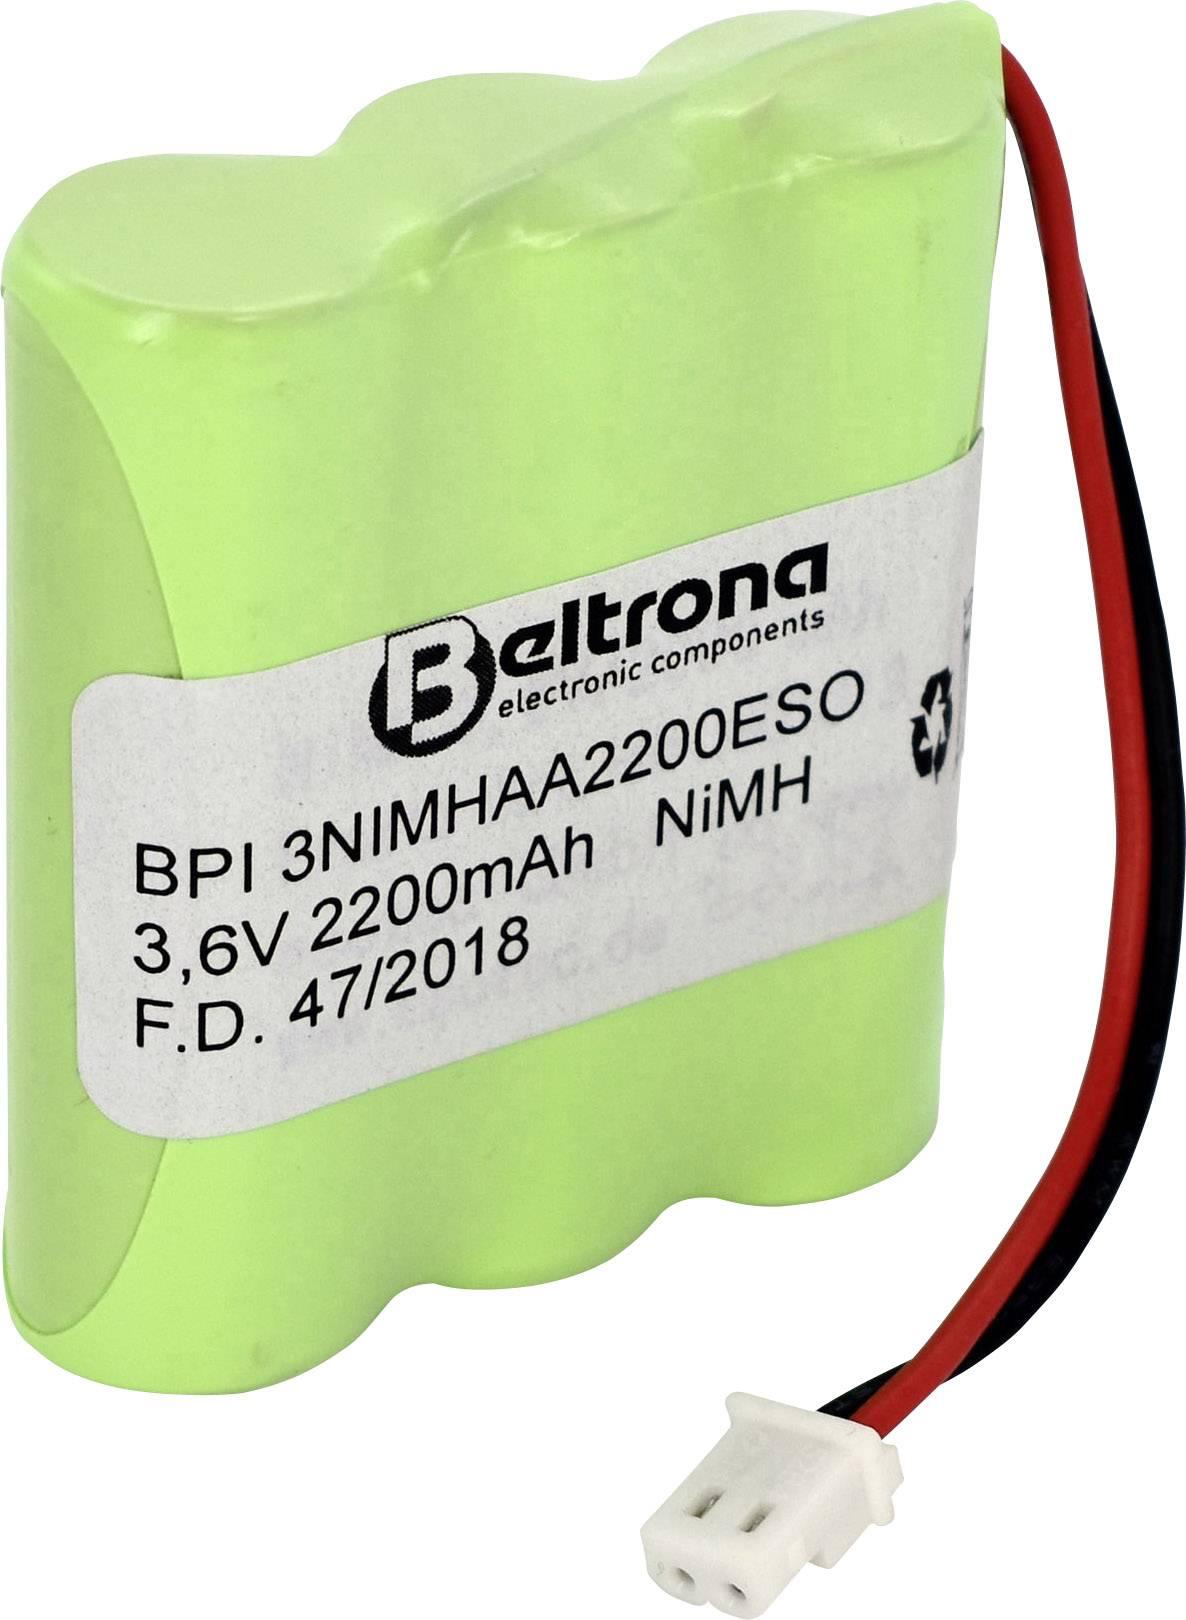 Beltrona Solarleuchten Pack 901013 Akkupack 3x Mignon (AA) Stecker NiMH 3.6 V 2000 mAh